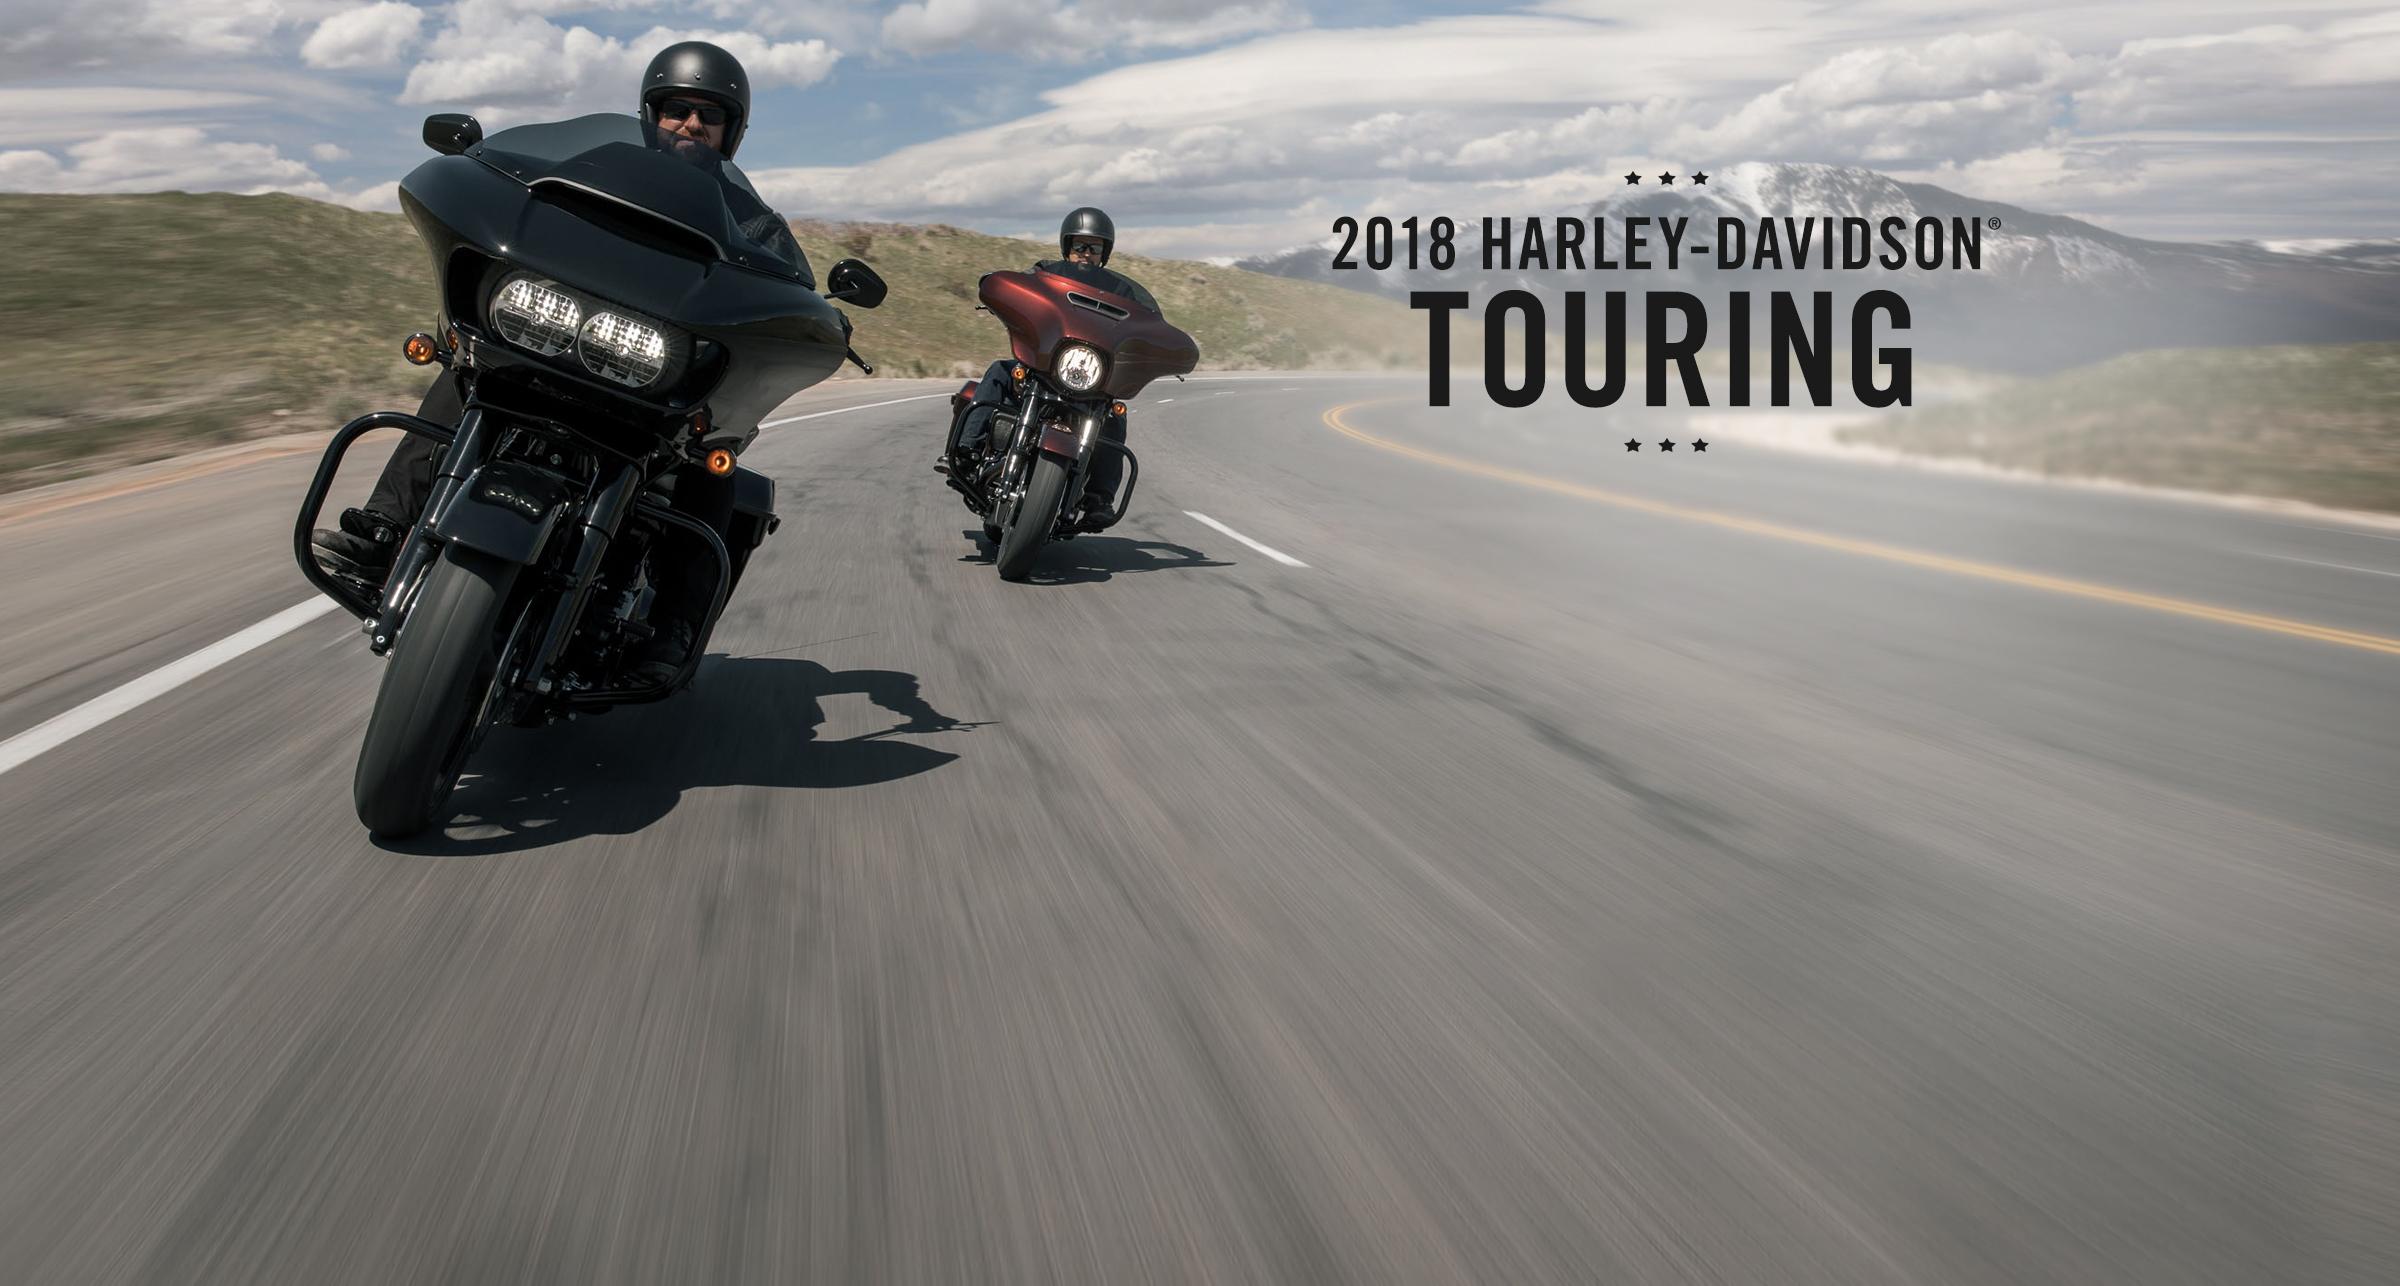 Touring - 2018 motorsykler